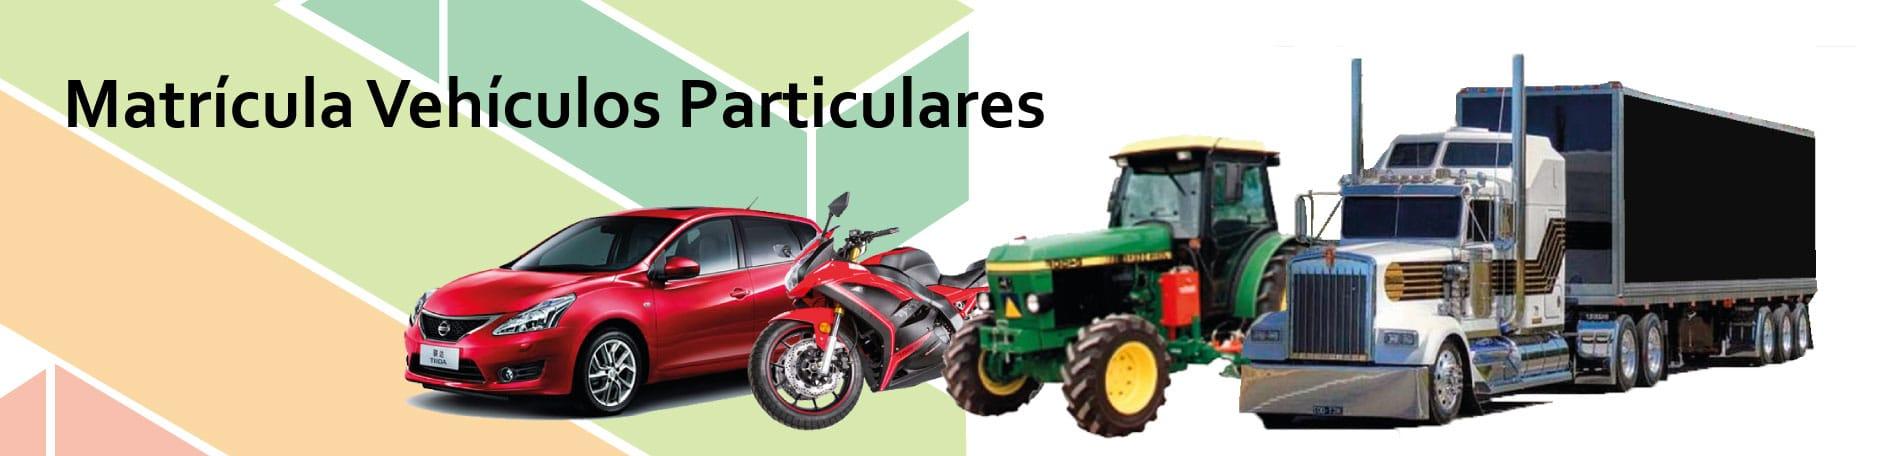 Matricula vehiculos particulares la jagua de ibirico sertti